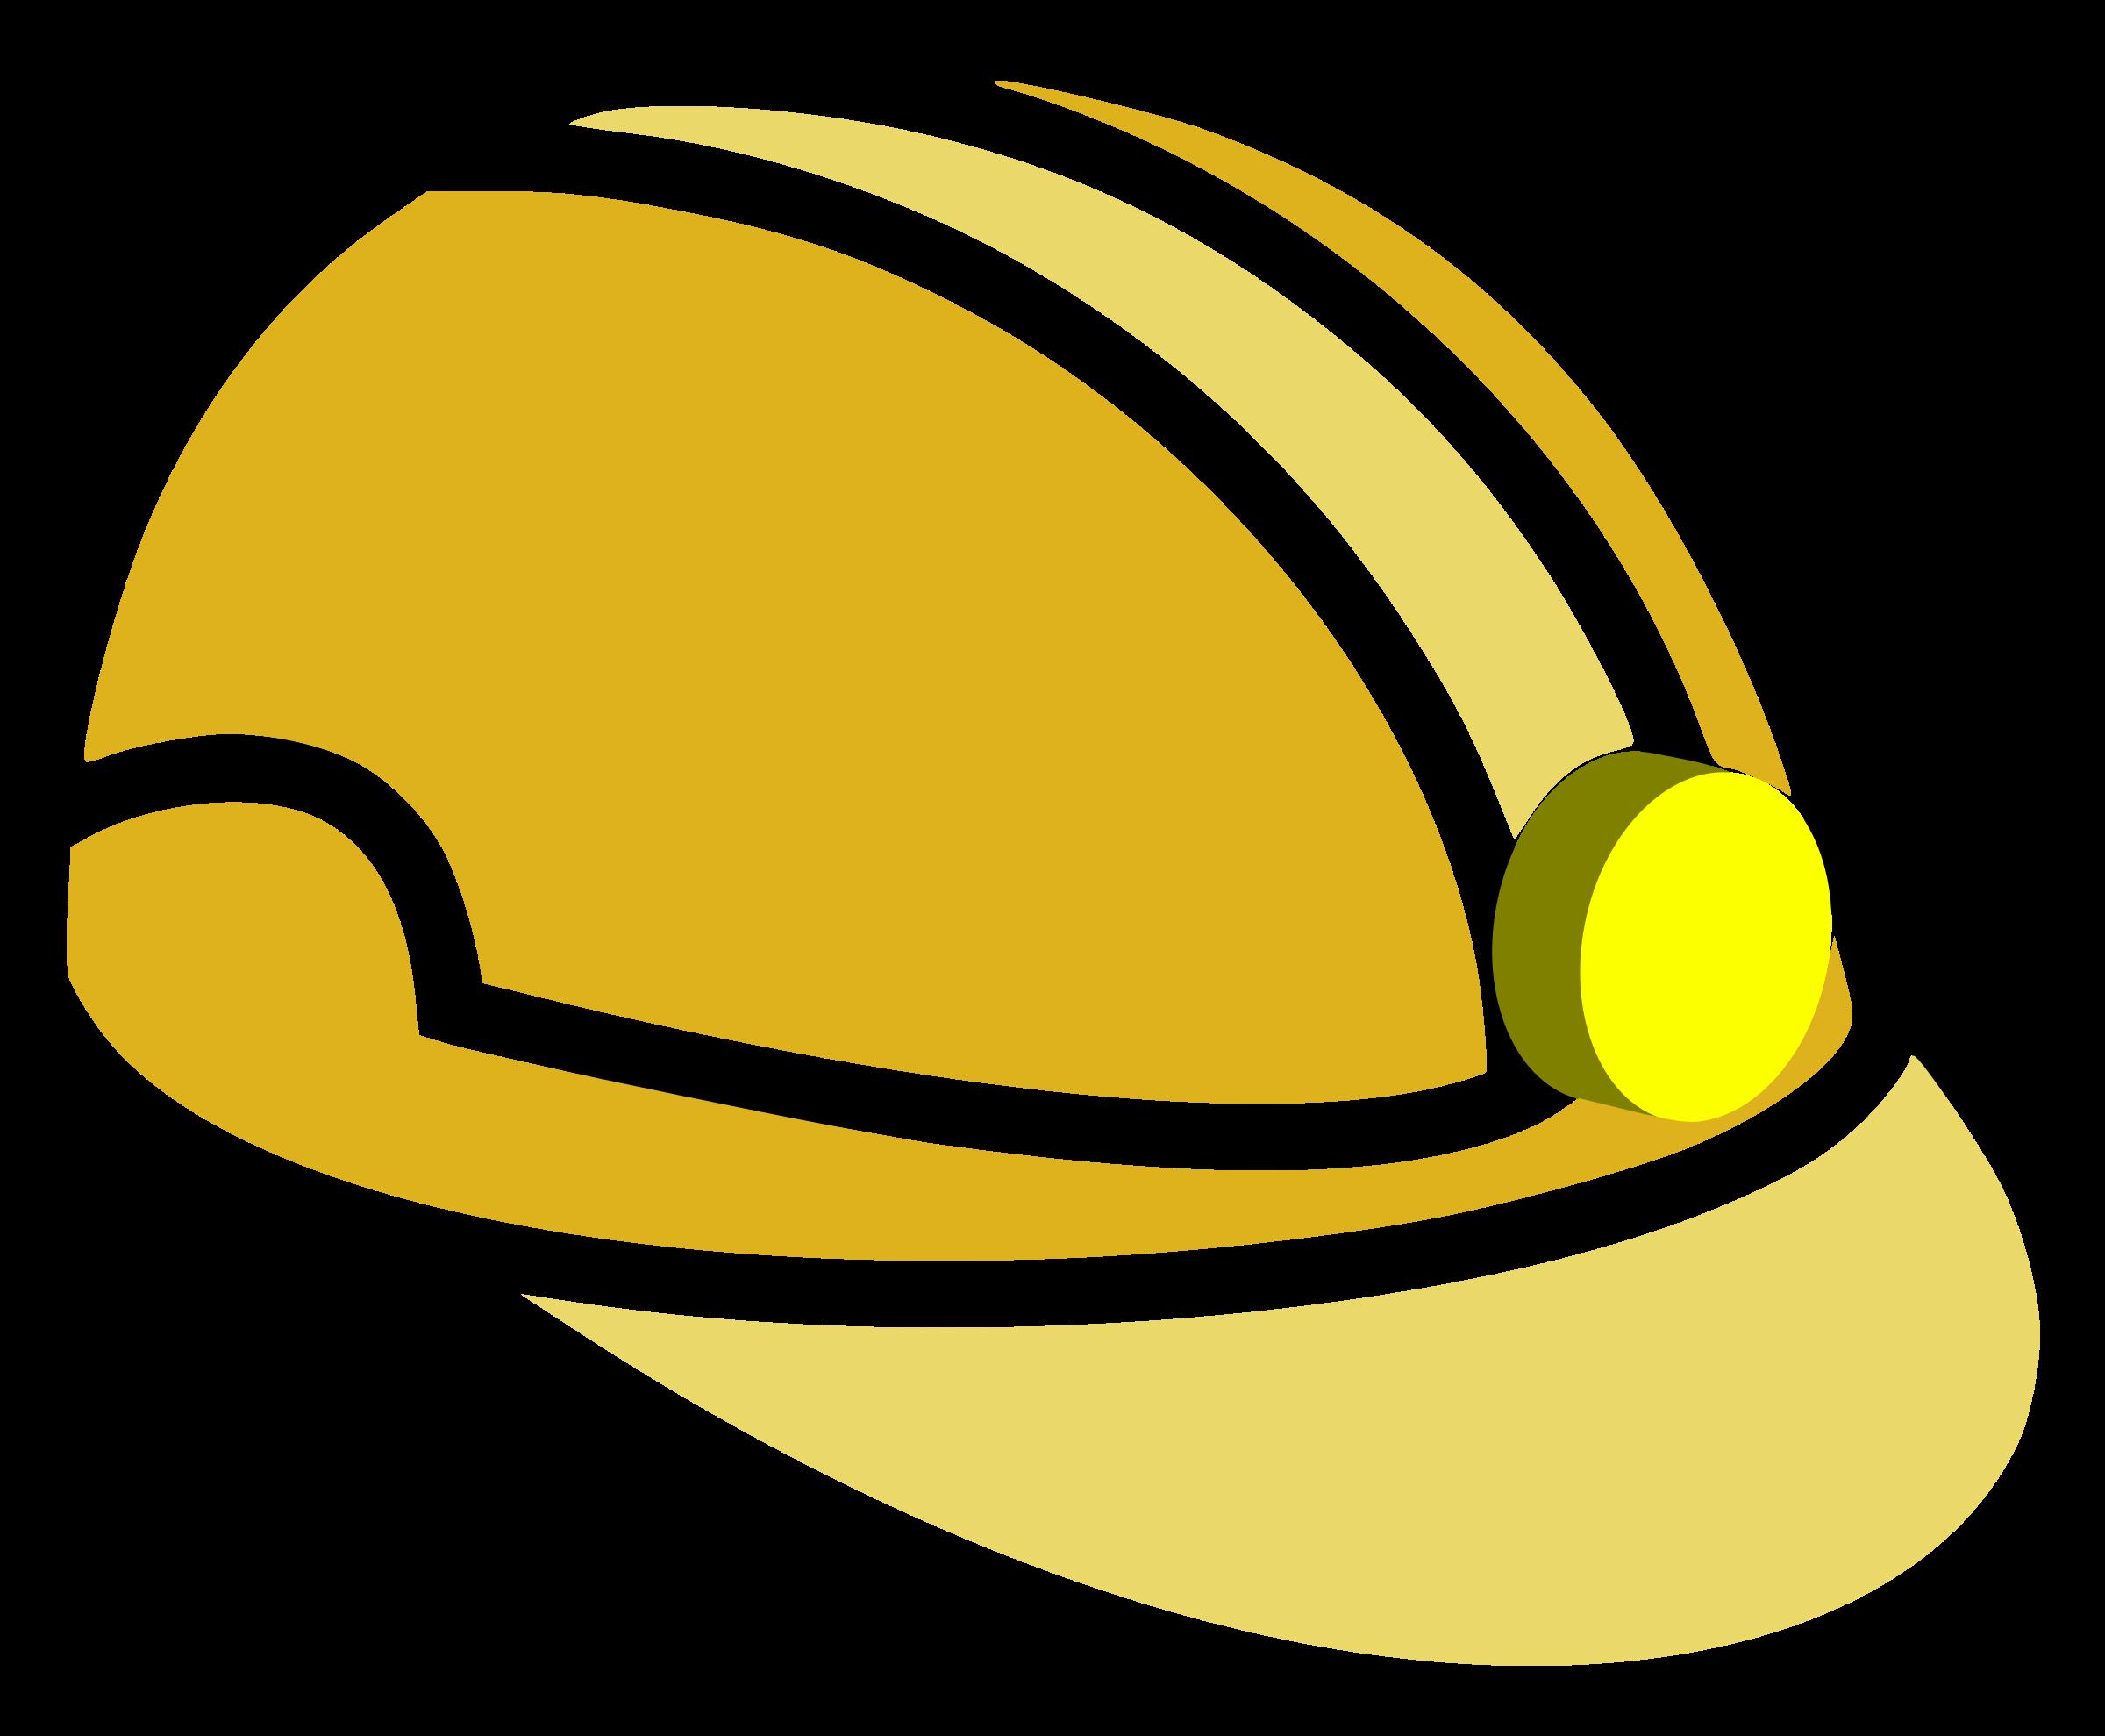 jpg Mining clipart. Helmet mine big image.